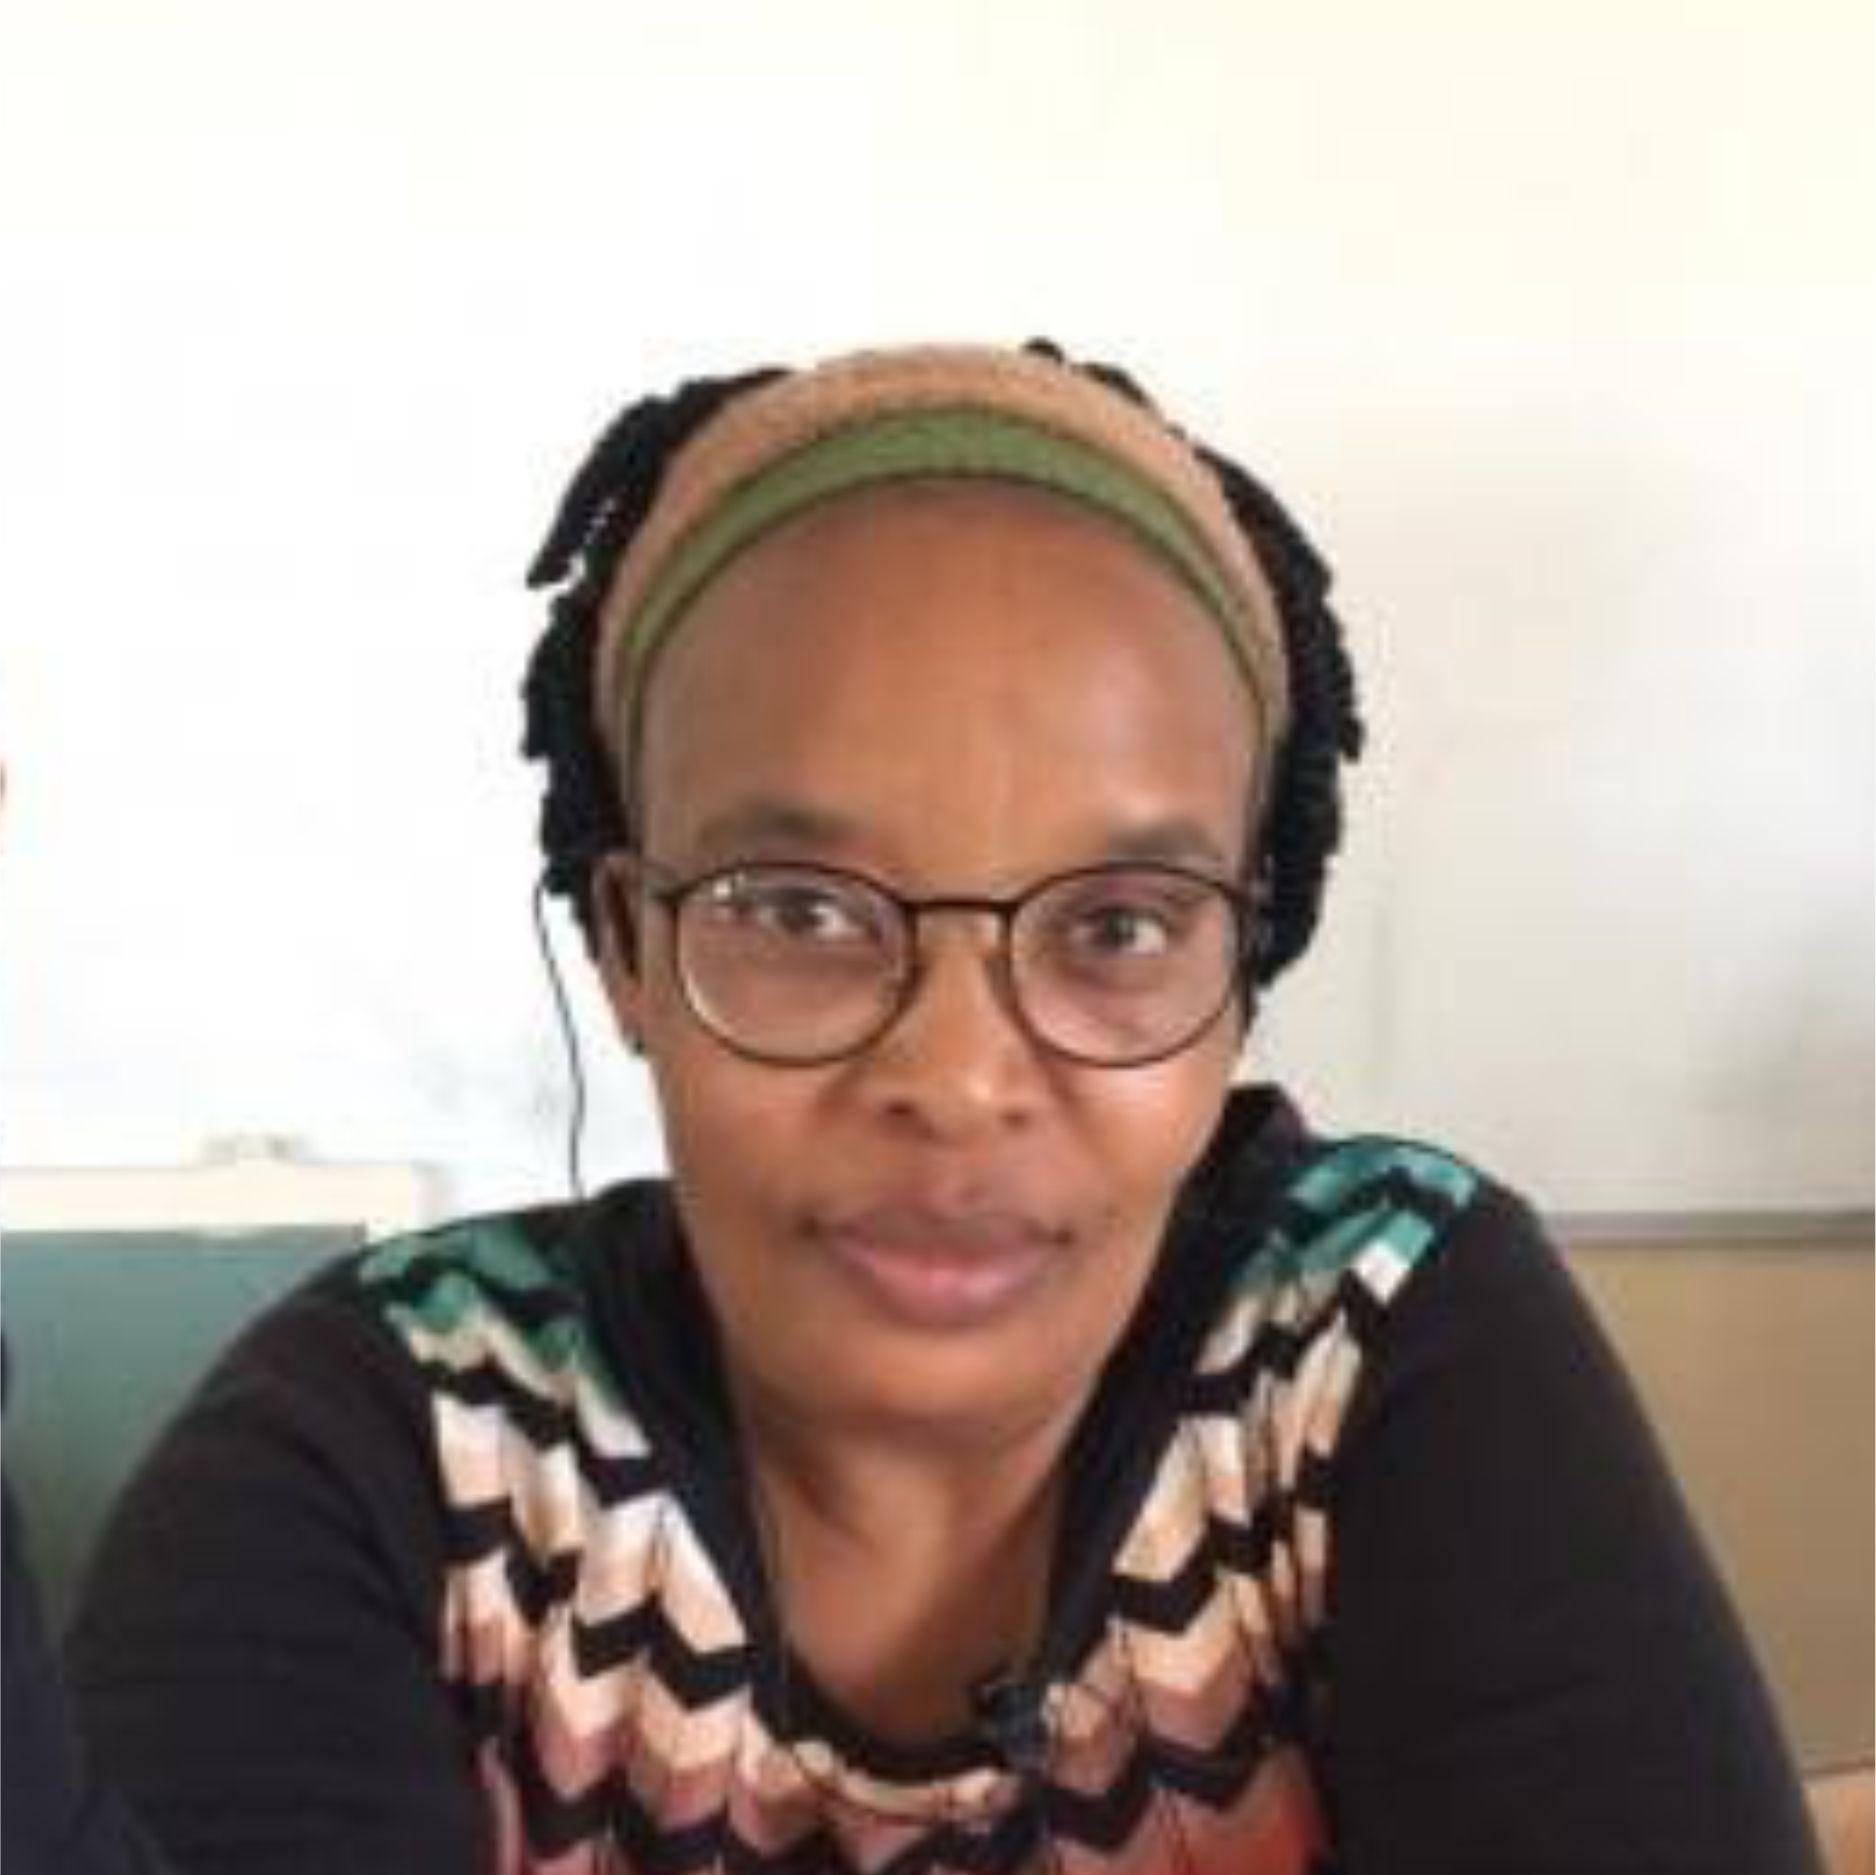 Ms Hlengwa